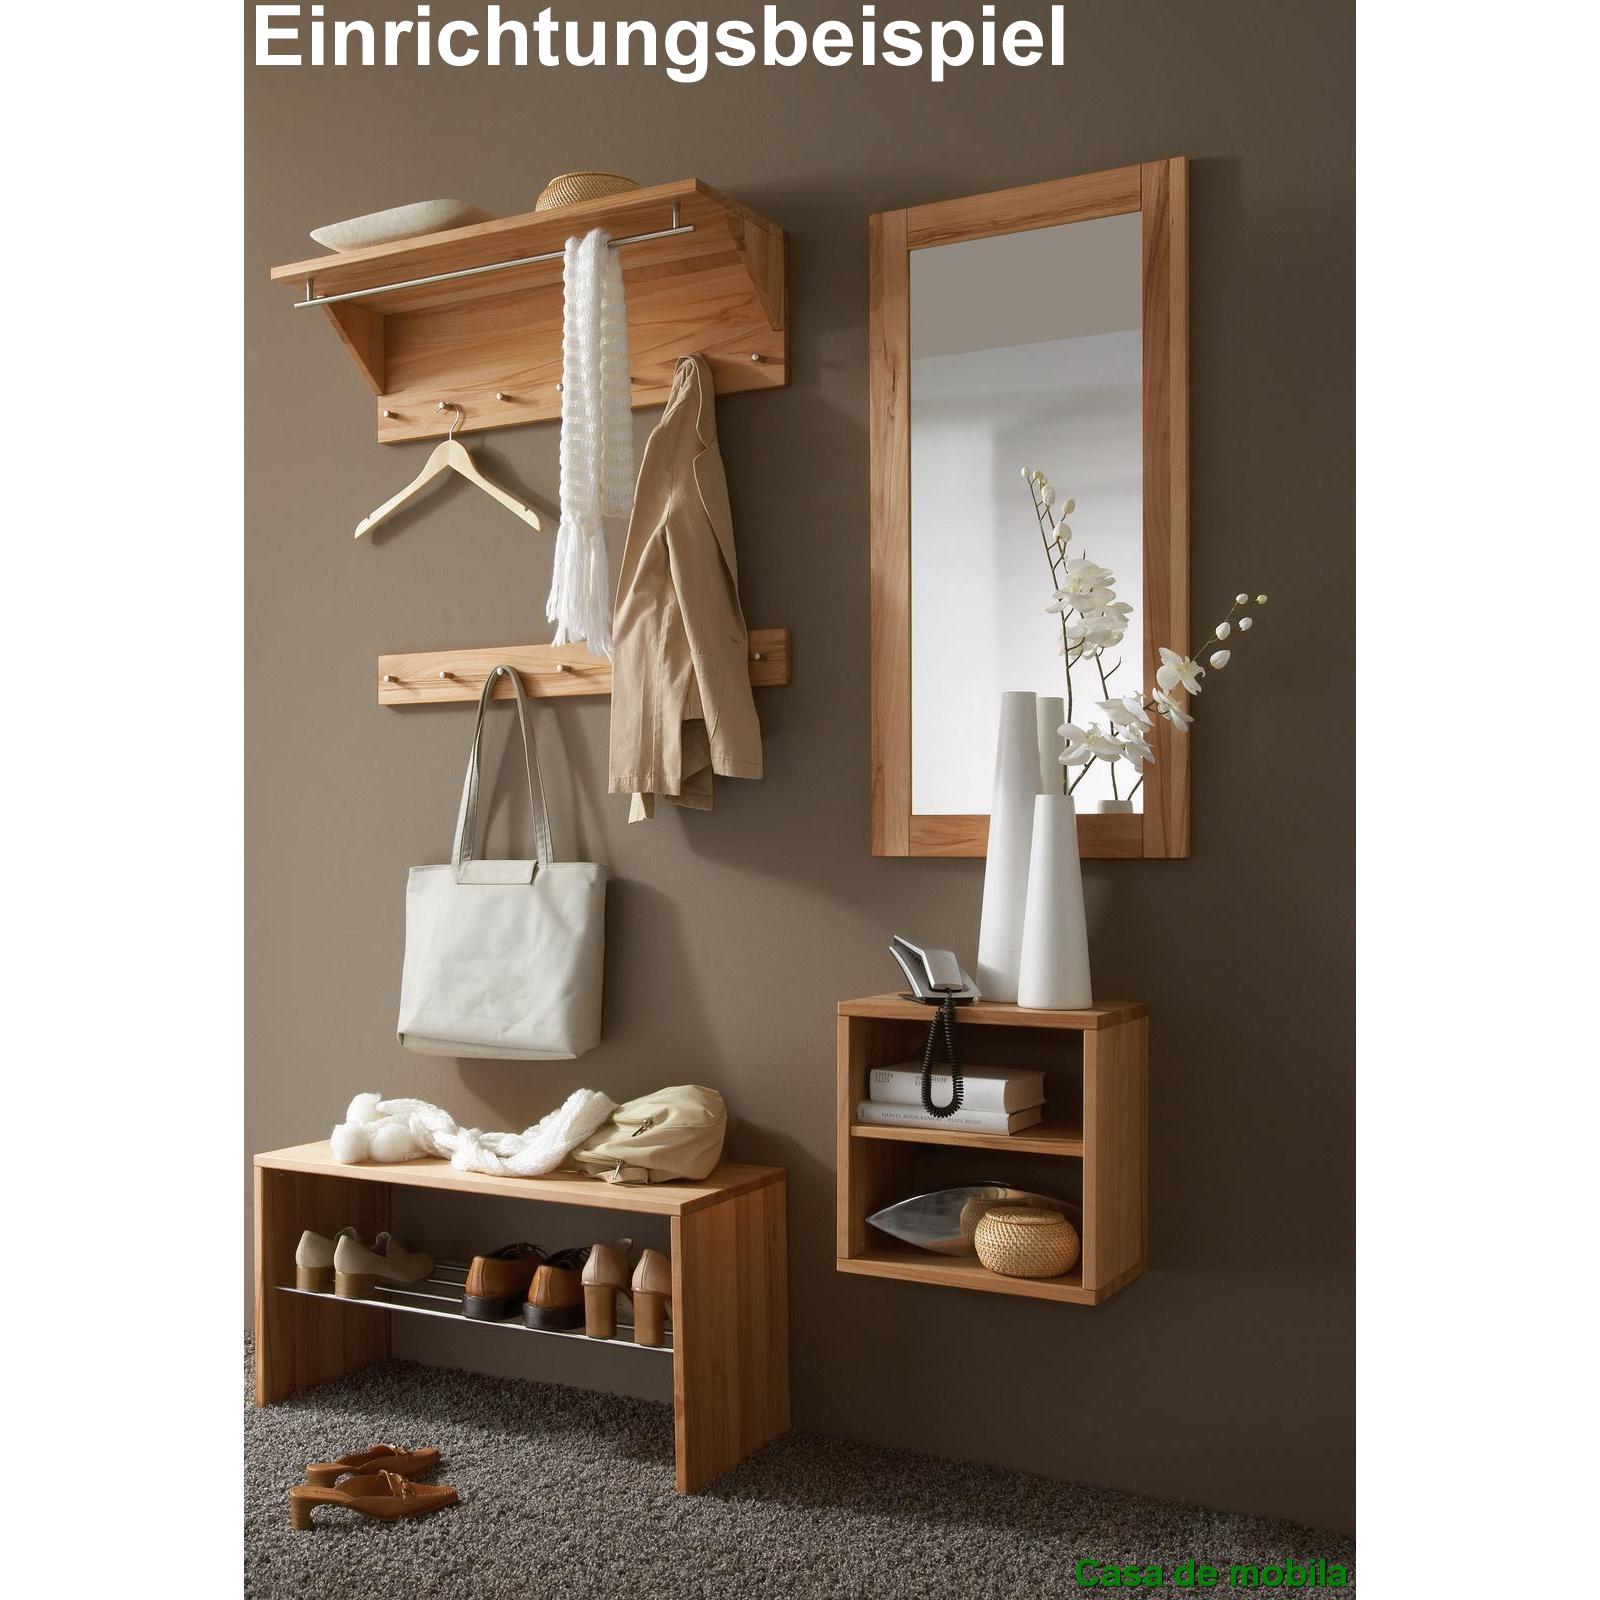 Massivholz Garderobenleiste Kernbuche TAKE IT! - natur geölt/gewachst